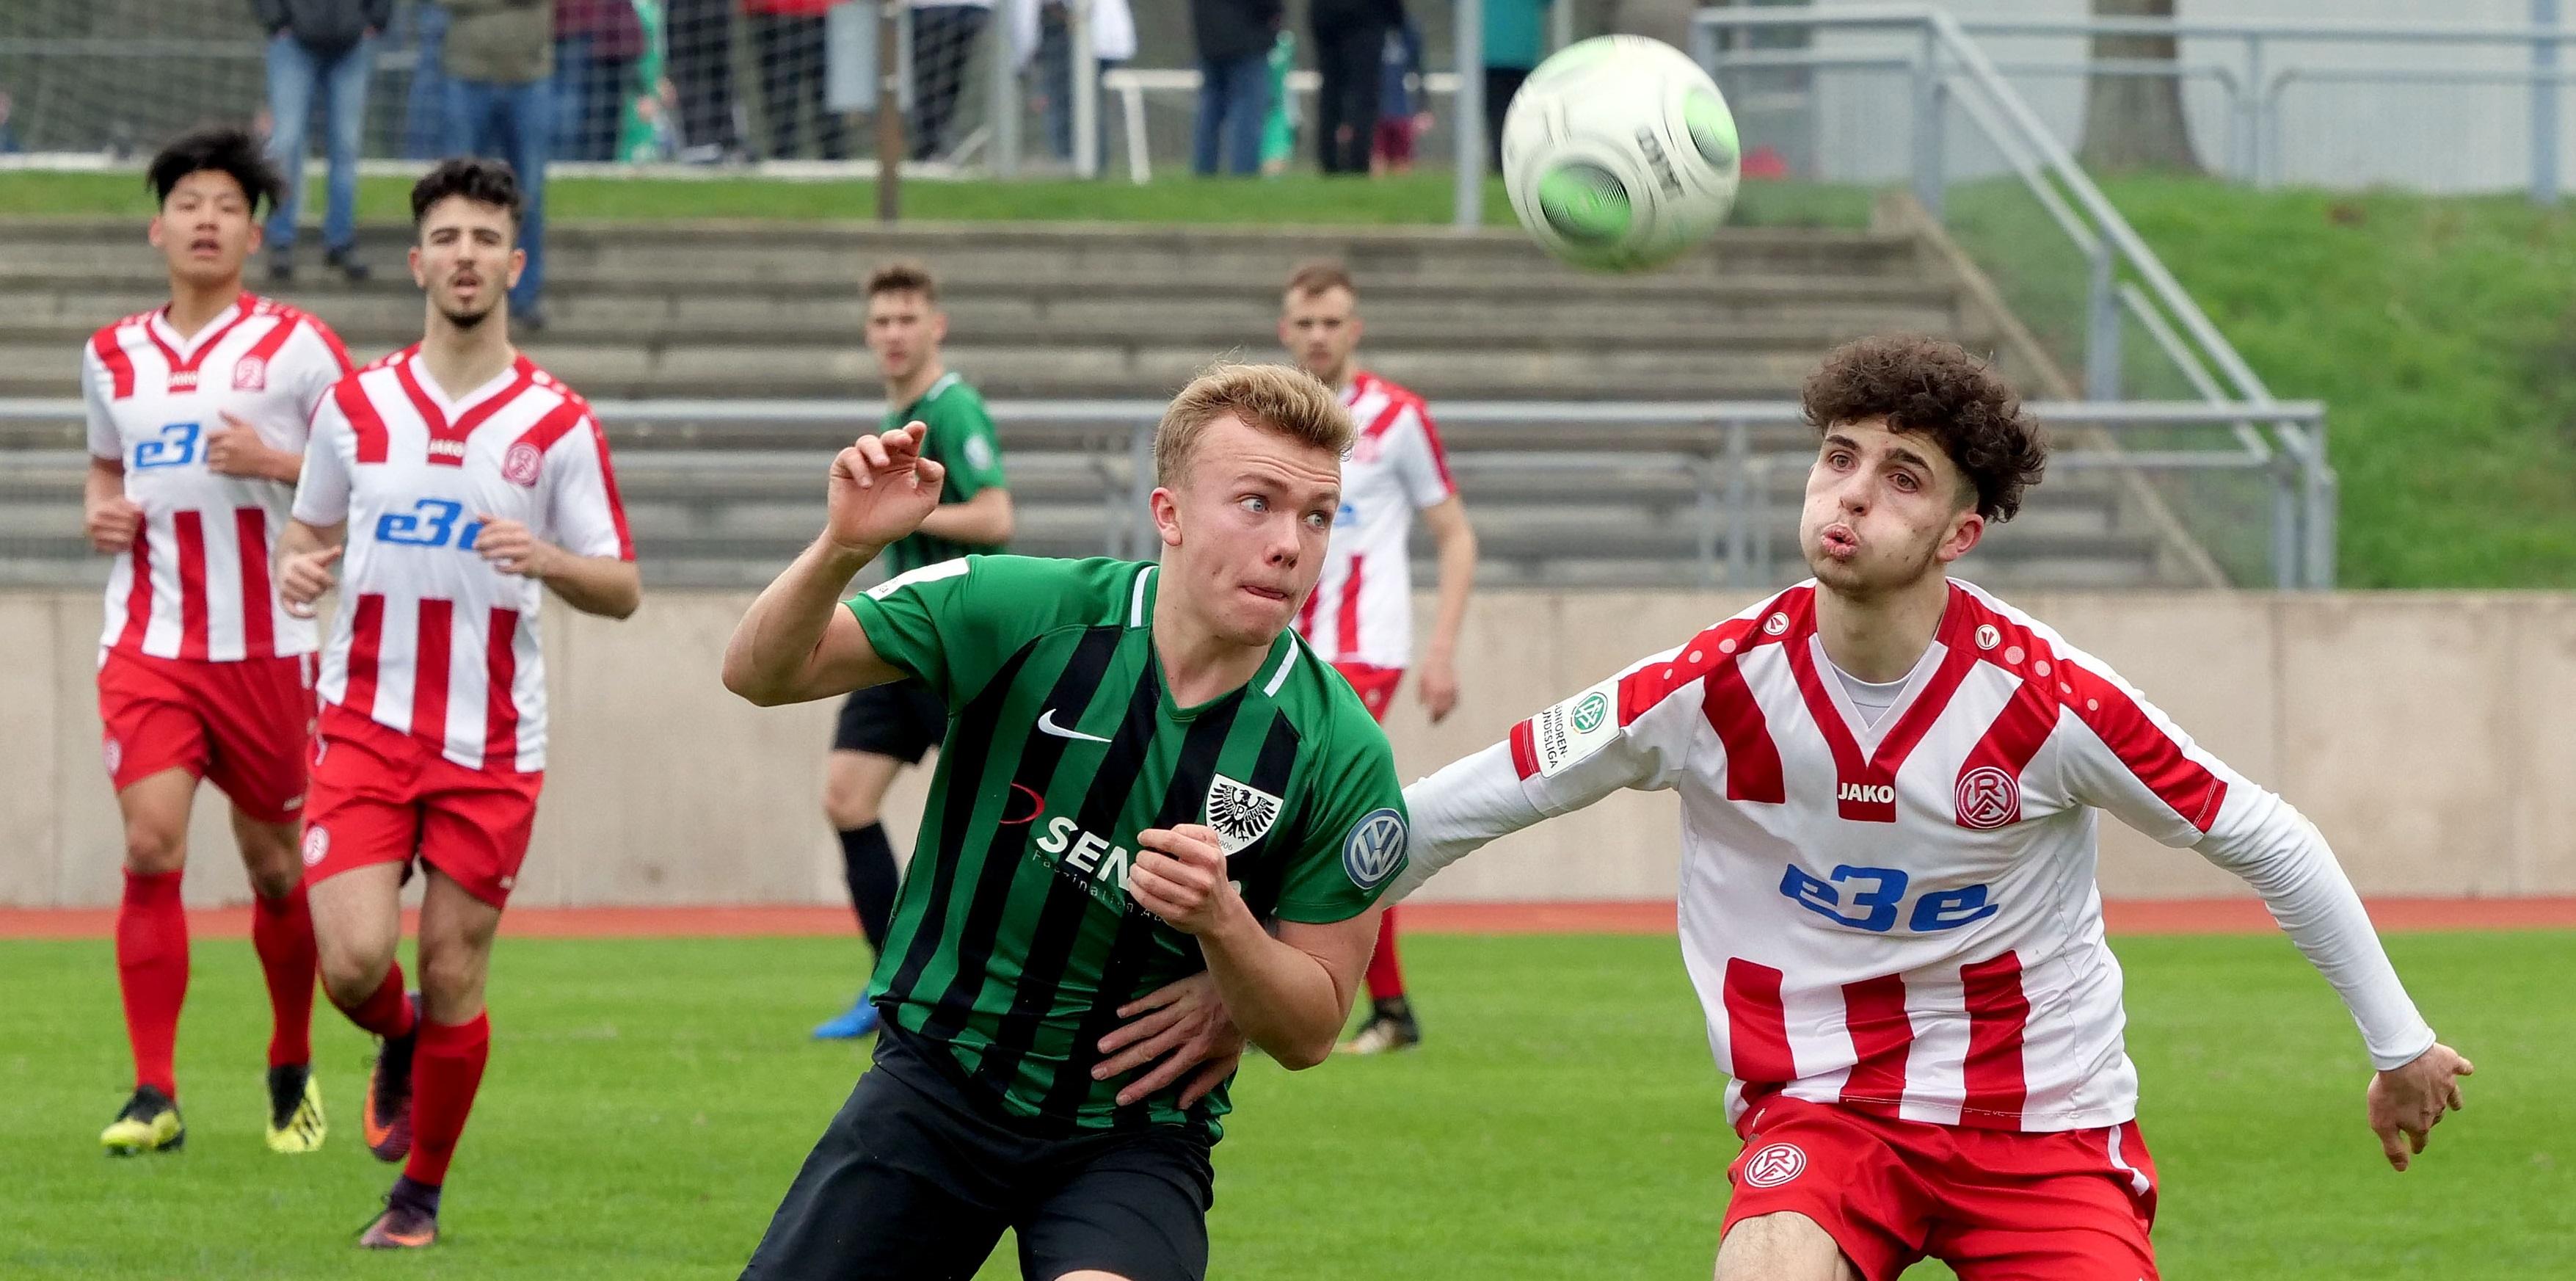 Am Wochenende musste sich die U19 gegen den FC Schalke 04 geschlagen geben. (Foto: Gohl)